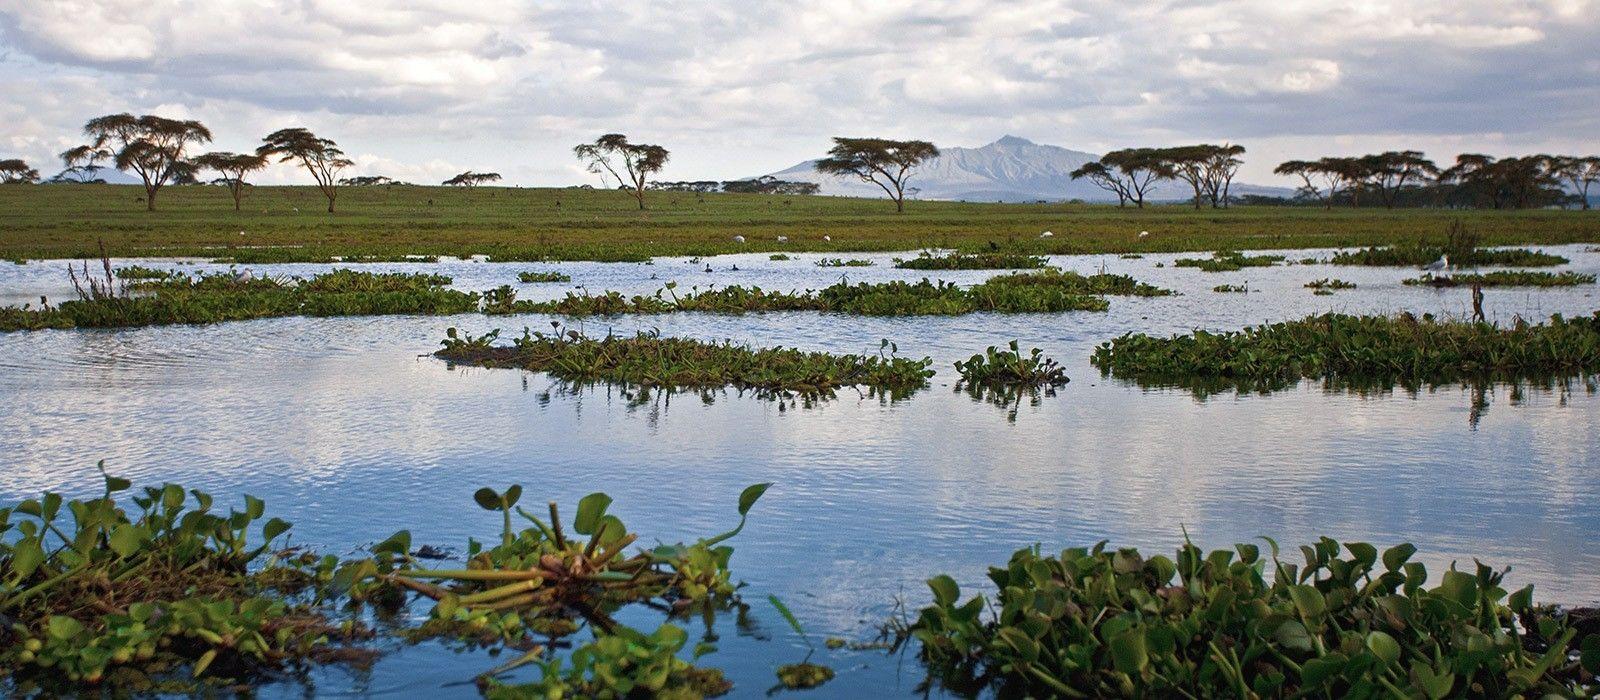 Kenia: Wandersafari Rundreise Urlaub 6